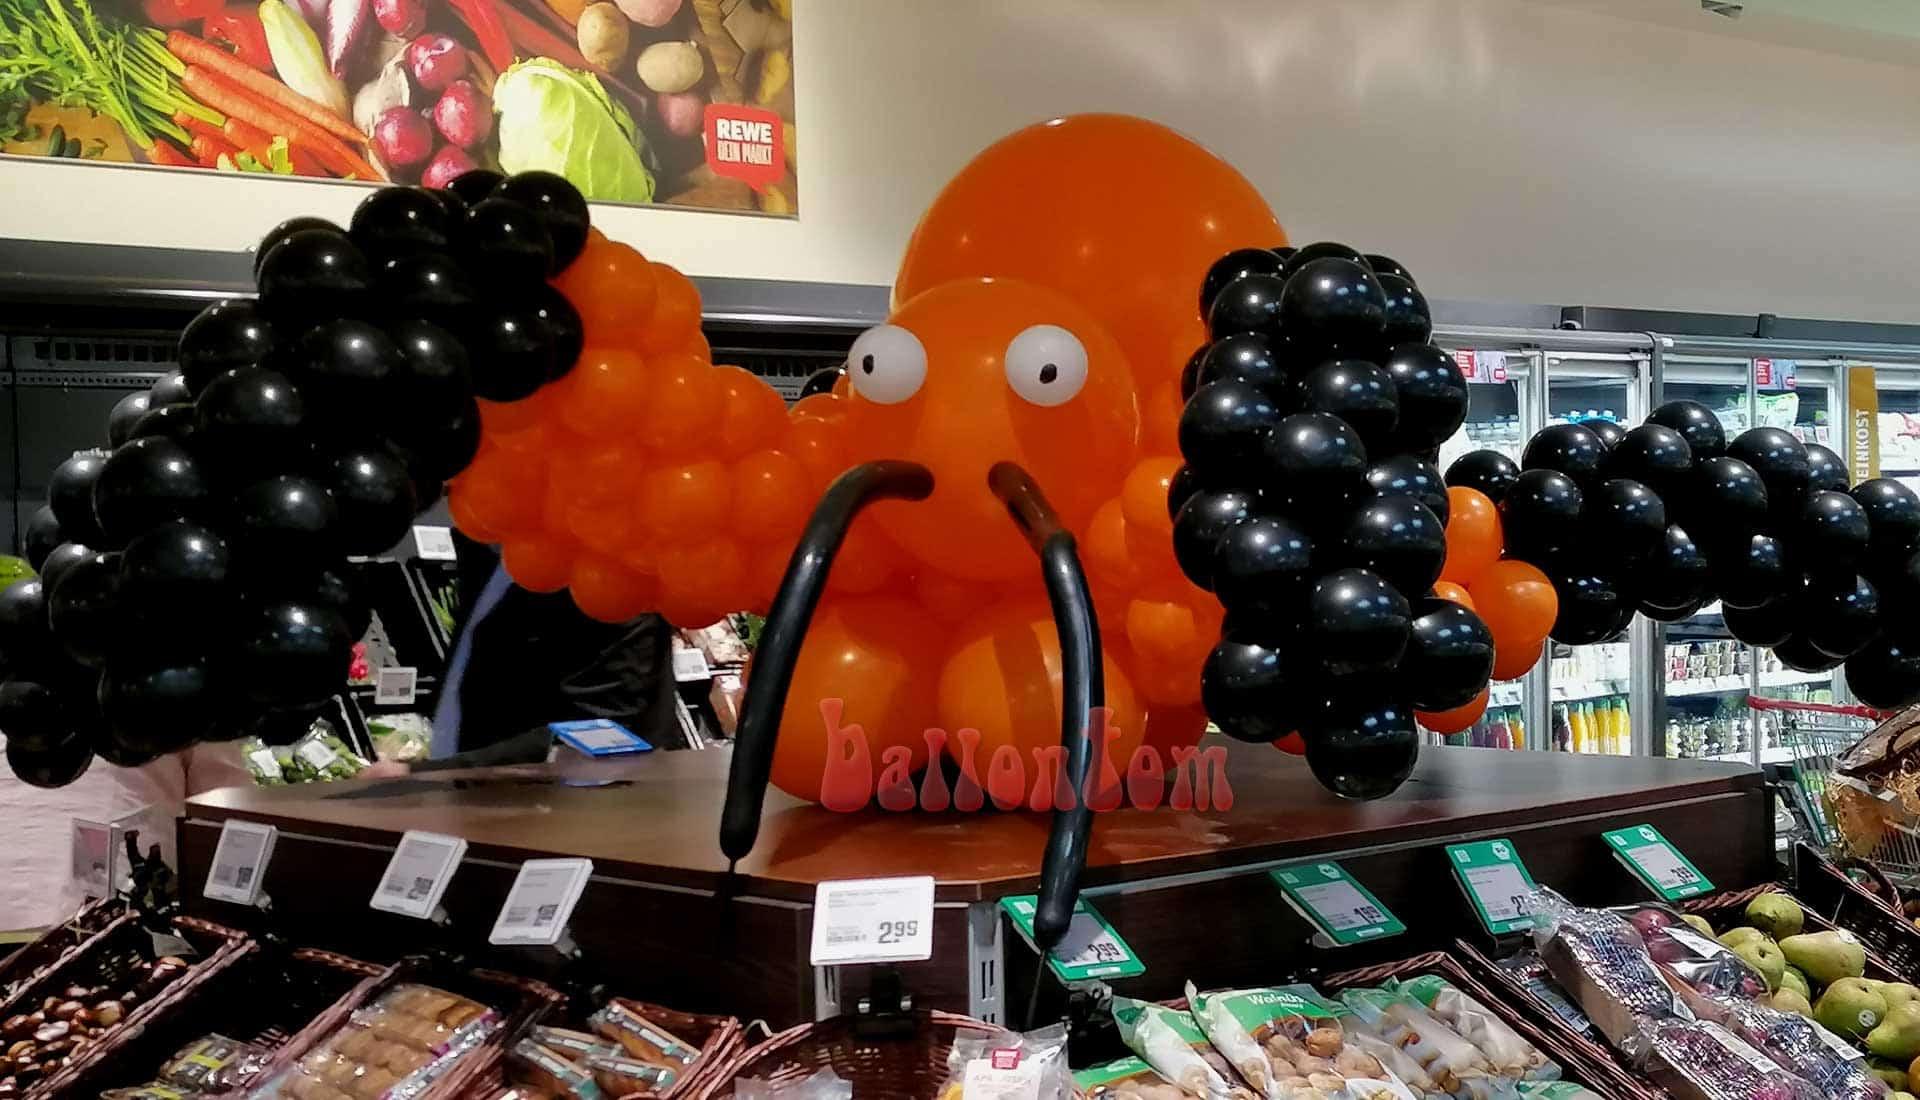 Halloweendekoration aus Ballons